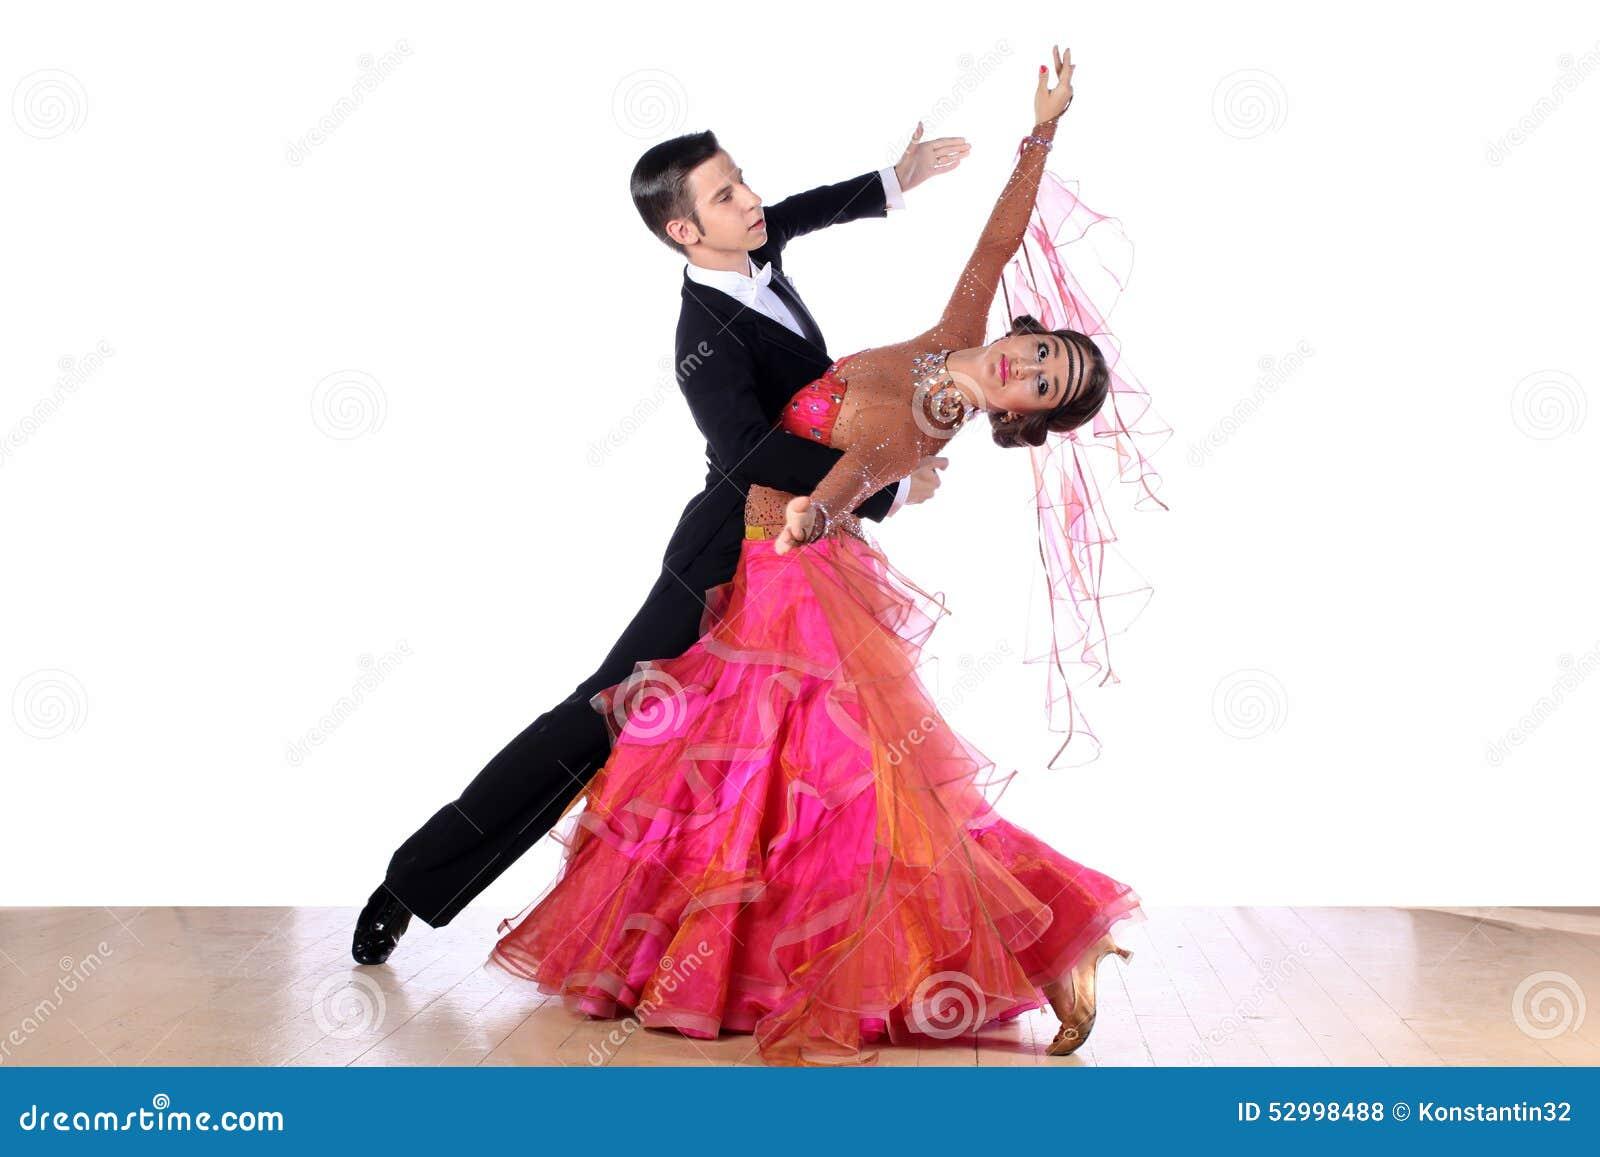 Dansers in balzaal